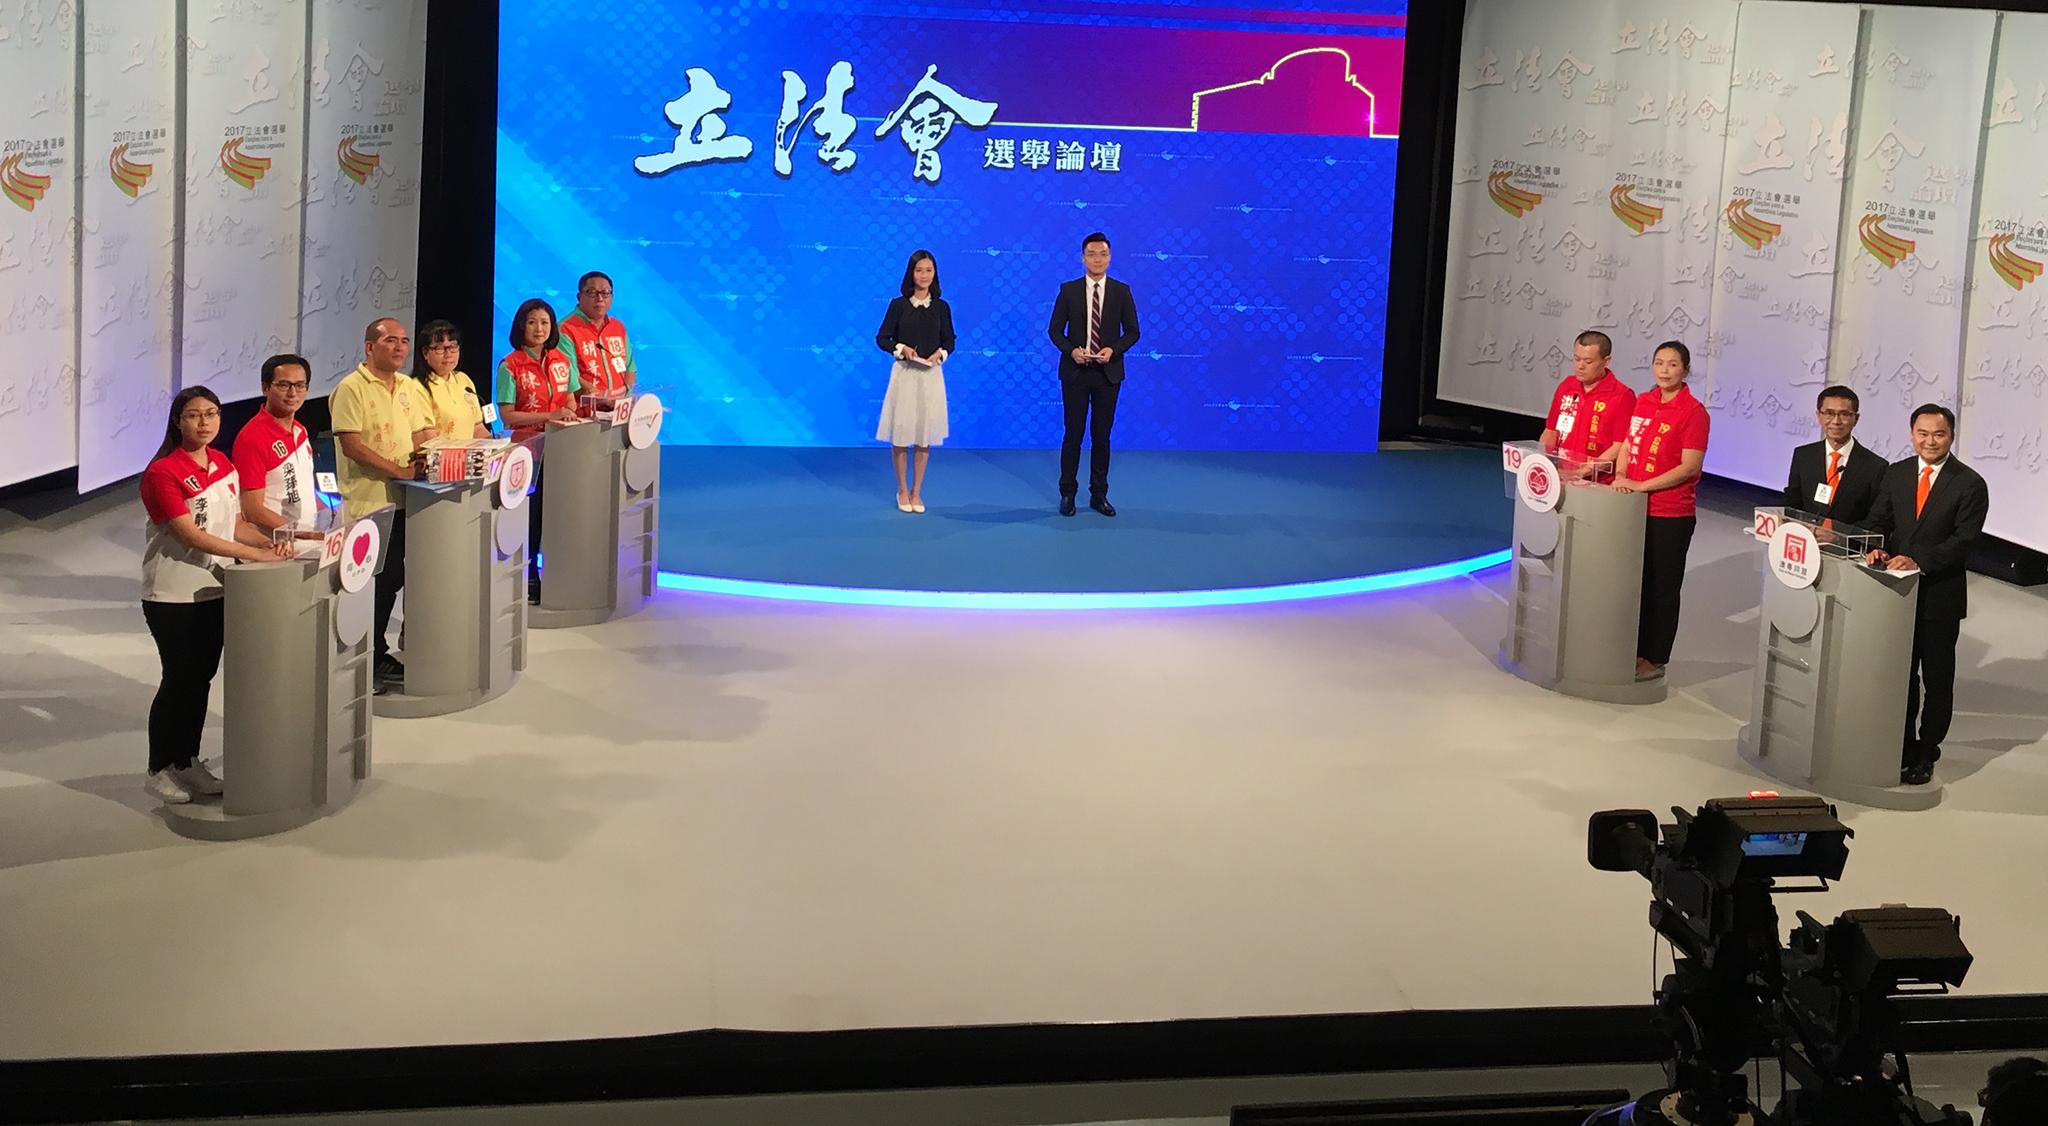 Eleições   Salário mínimo foi tema de debate entre candidatos